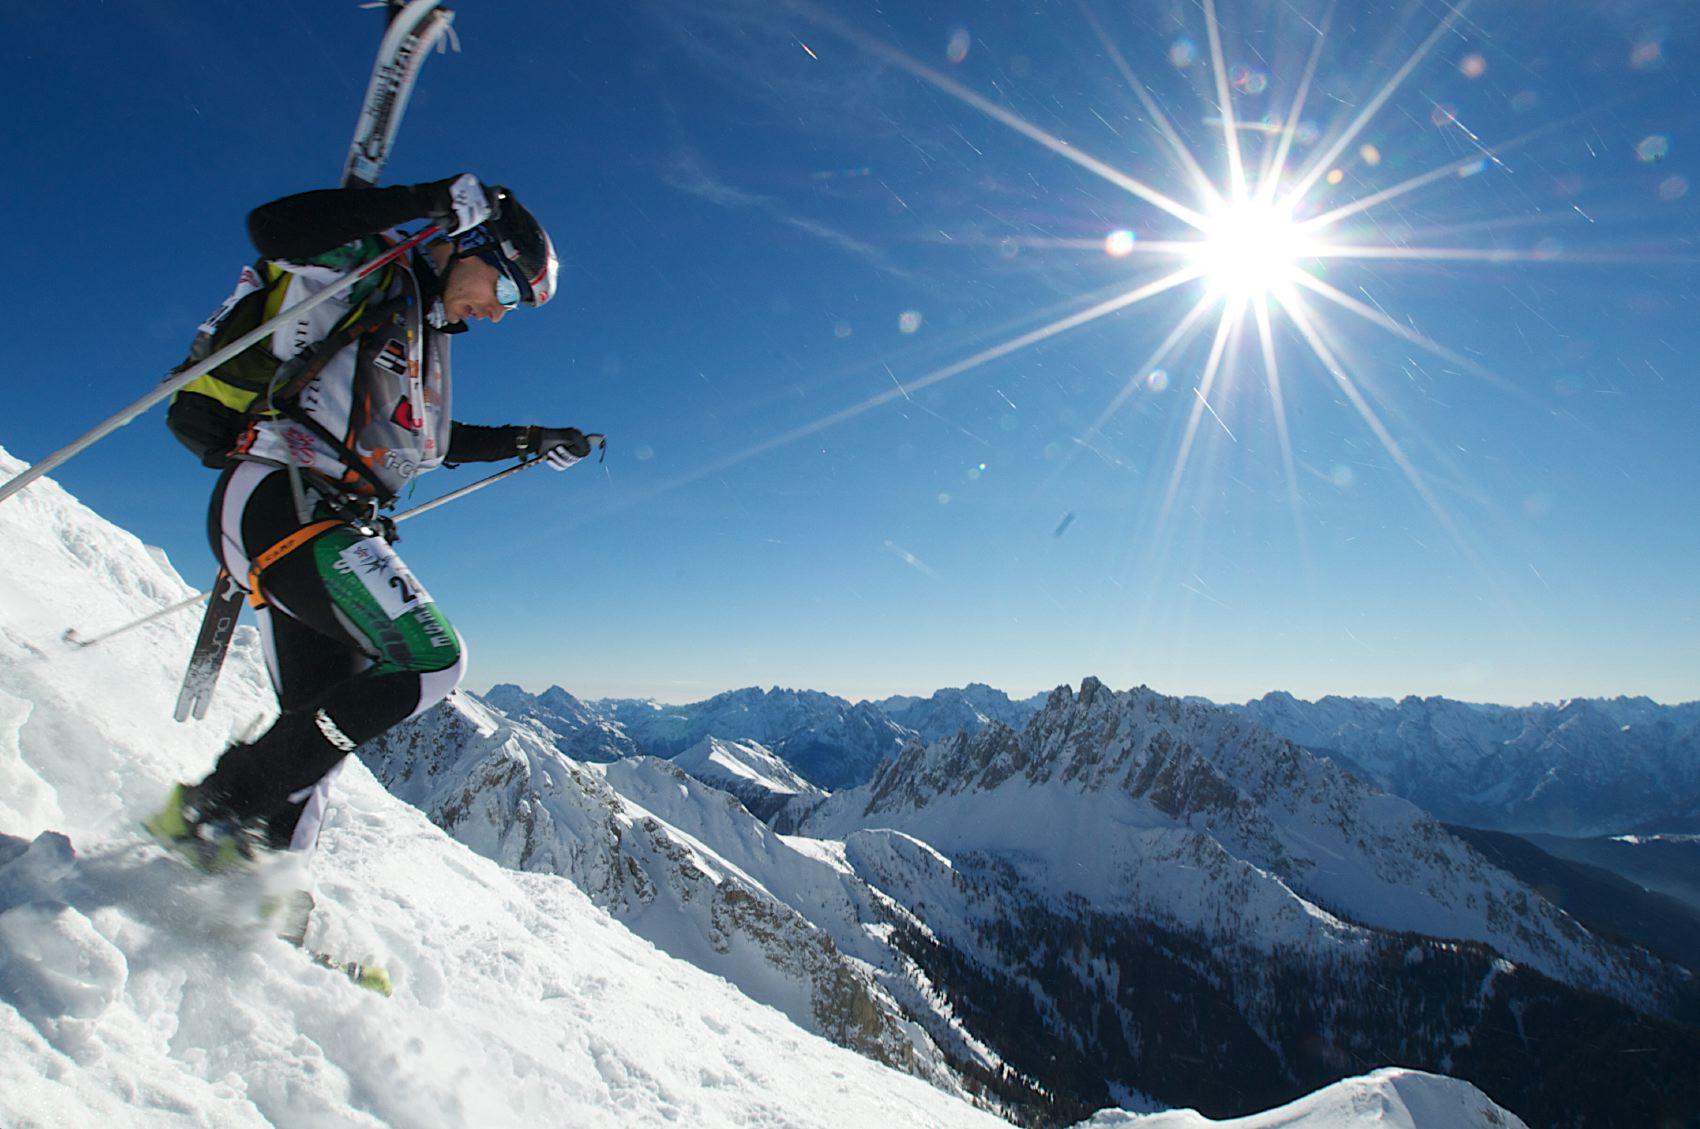 La Pitturina Ski Race parteciperà alla 24 ore di San Martino a Belluno